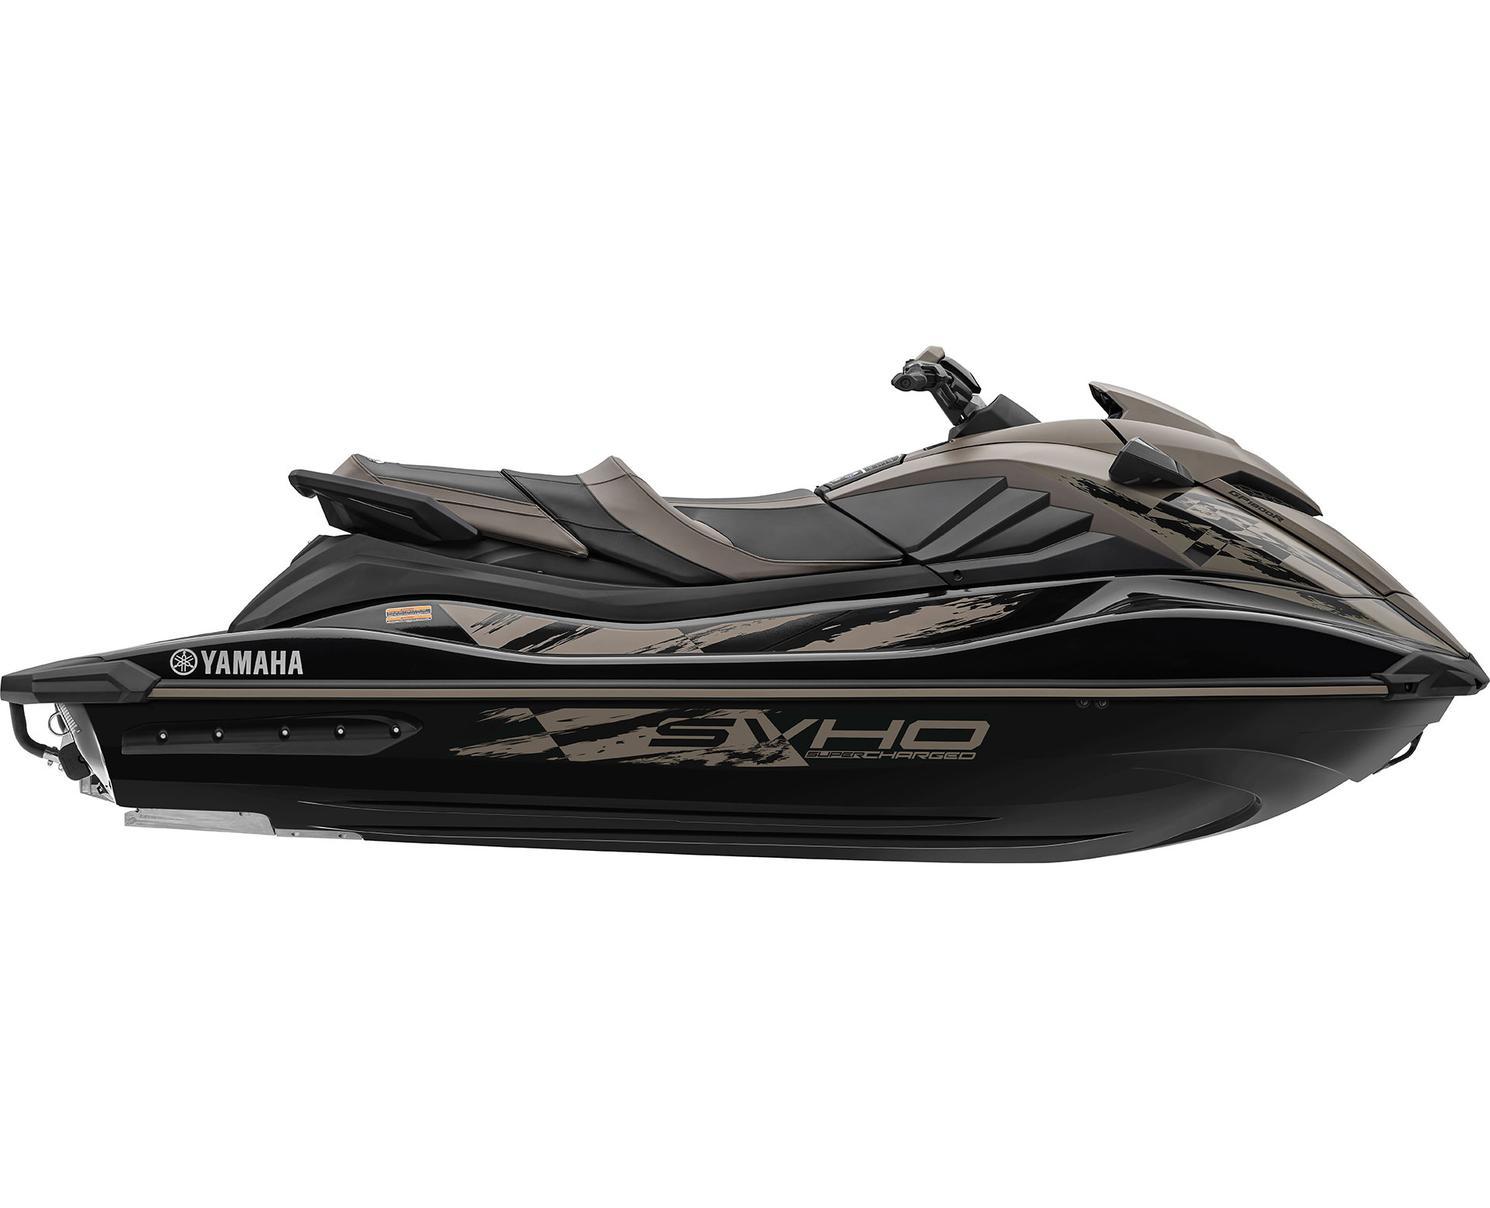 Yamaha GP1800R SVHO Noir/Gris Titan 2022